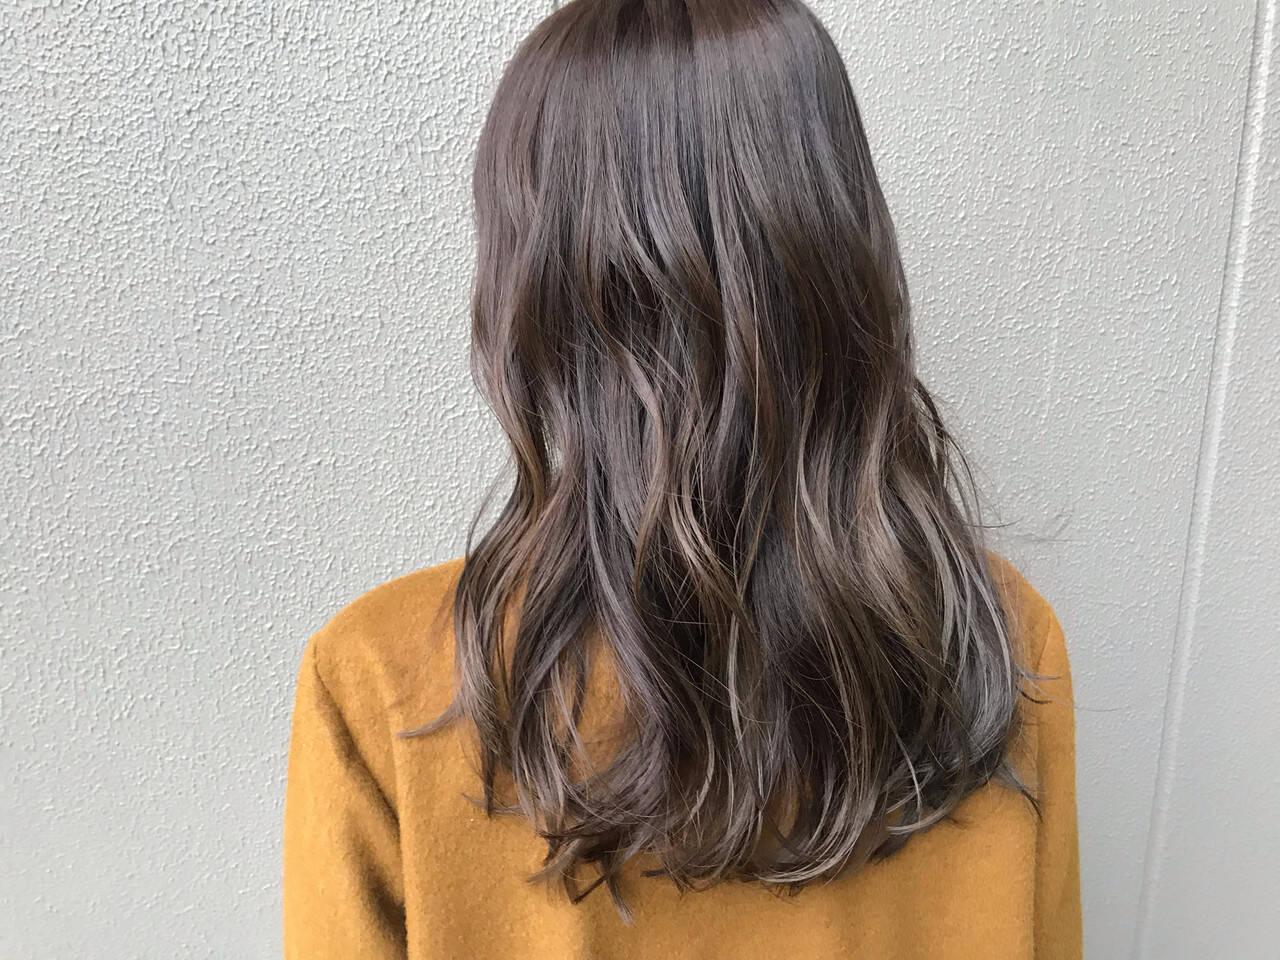 アッシュ ゆるふわ ロング アッシュベージュヘアスタイルや髪型の写真・画像